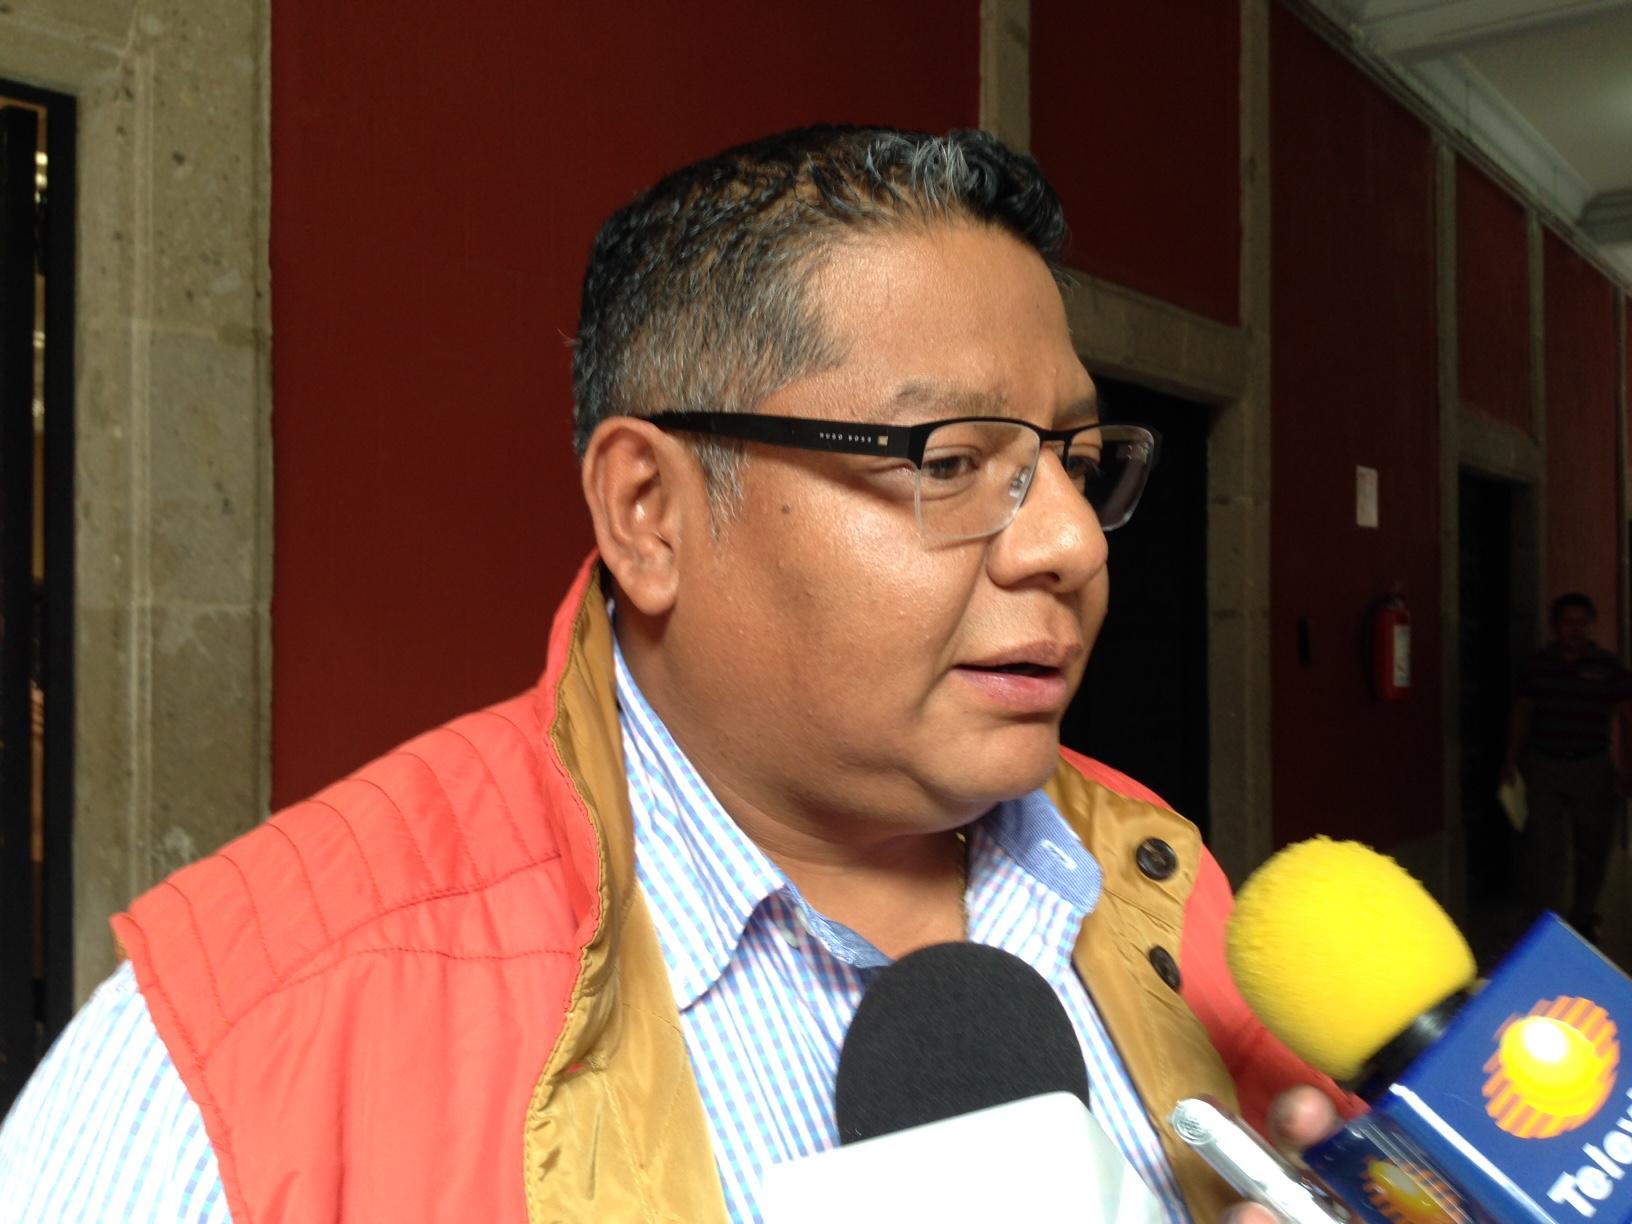 Ricardo Robledo Chávez